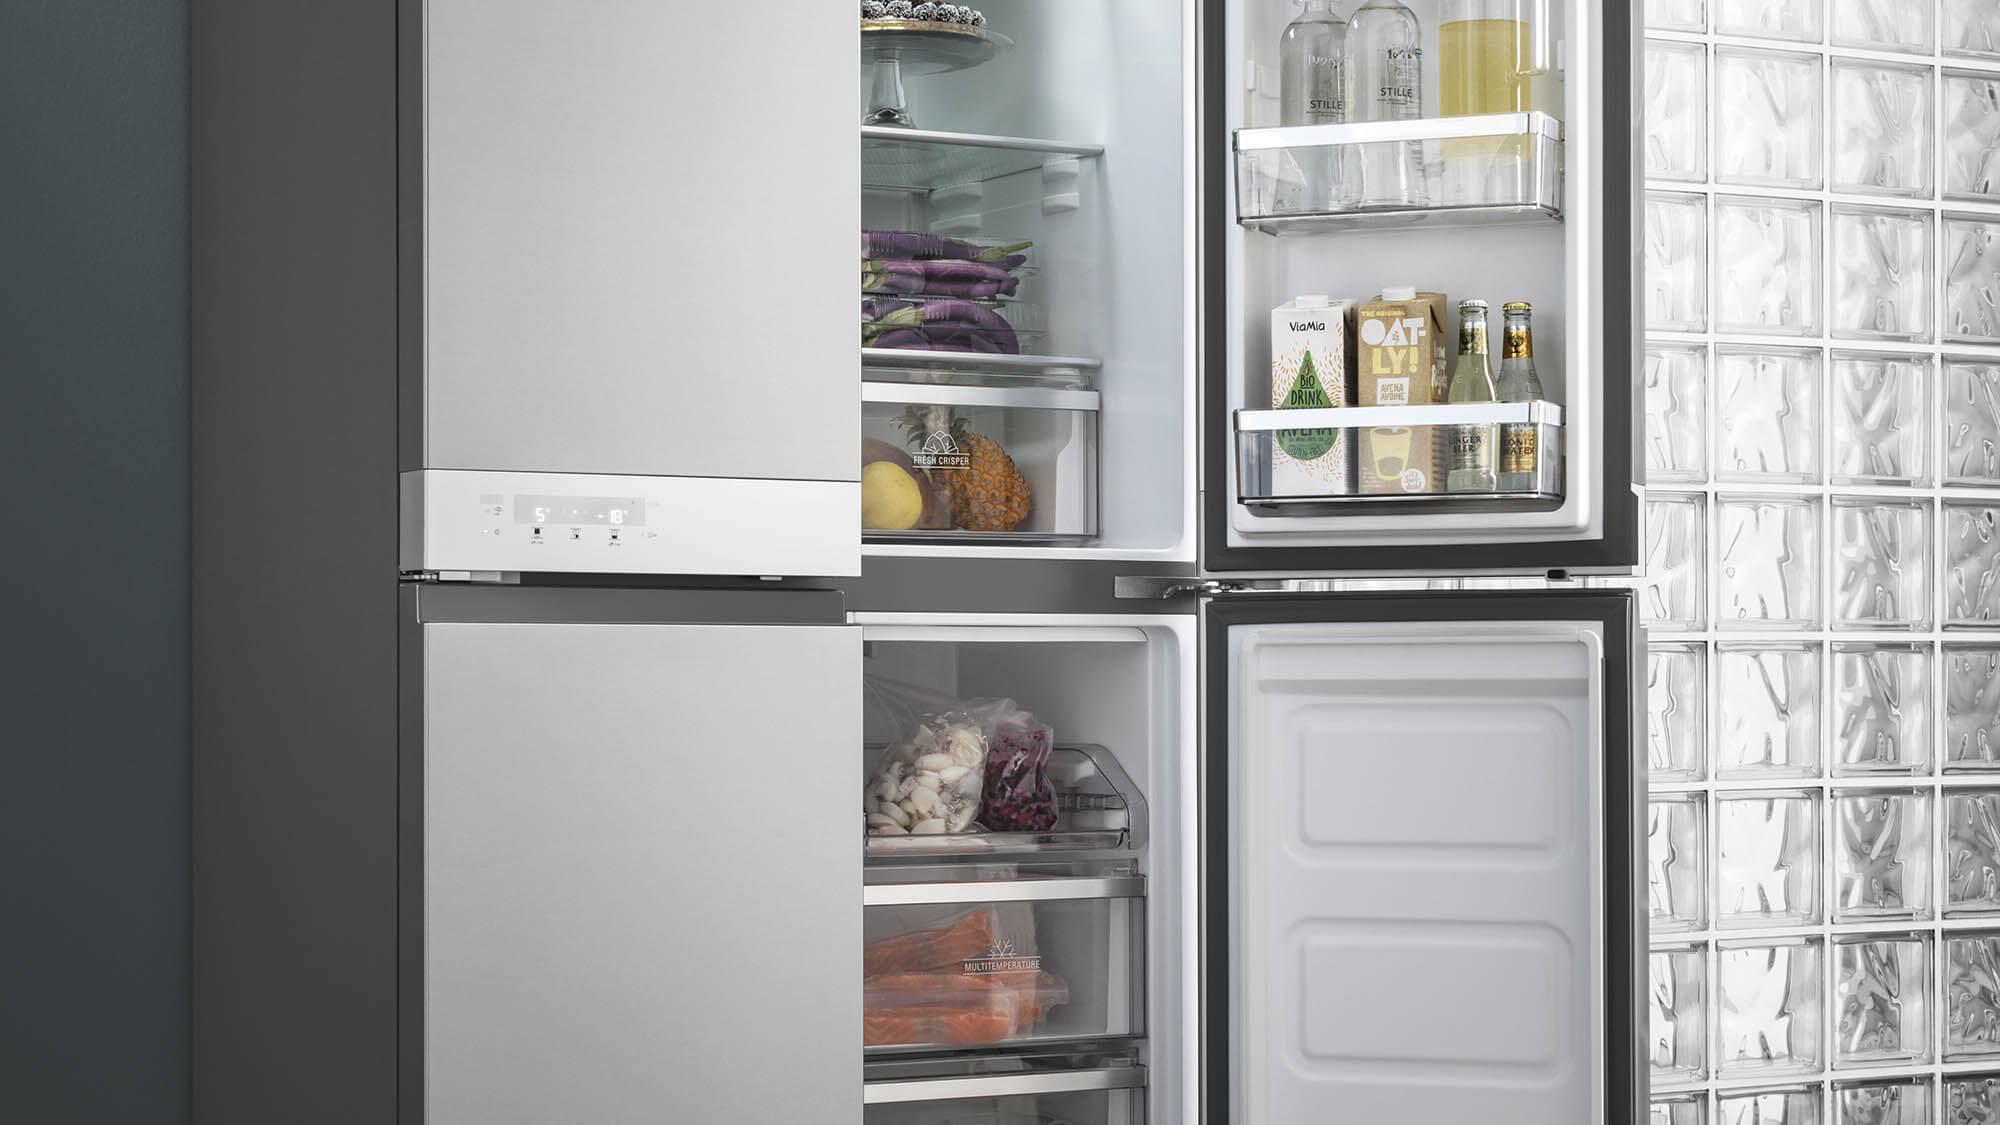 Side By Side Kühlschrank Richtig Einräumen : Kühlschrank richtig einräumen mit anleitung grafik ao